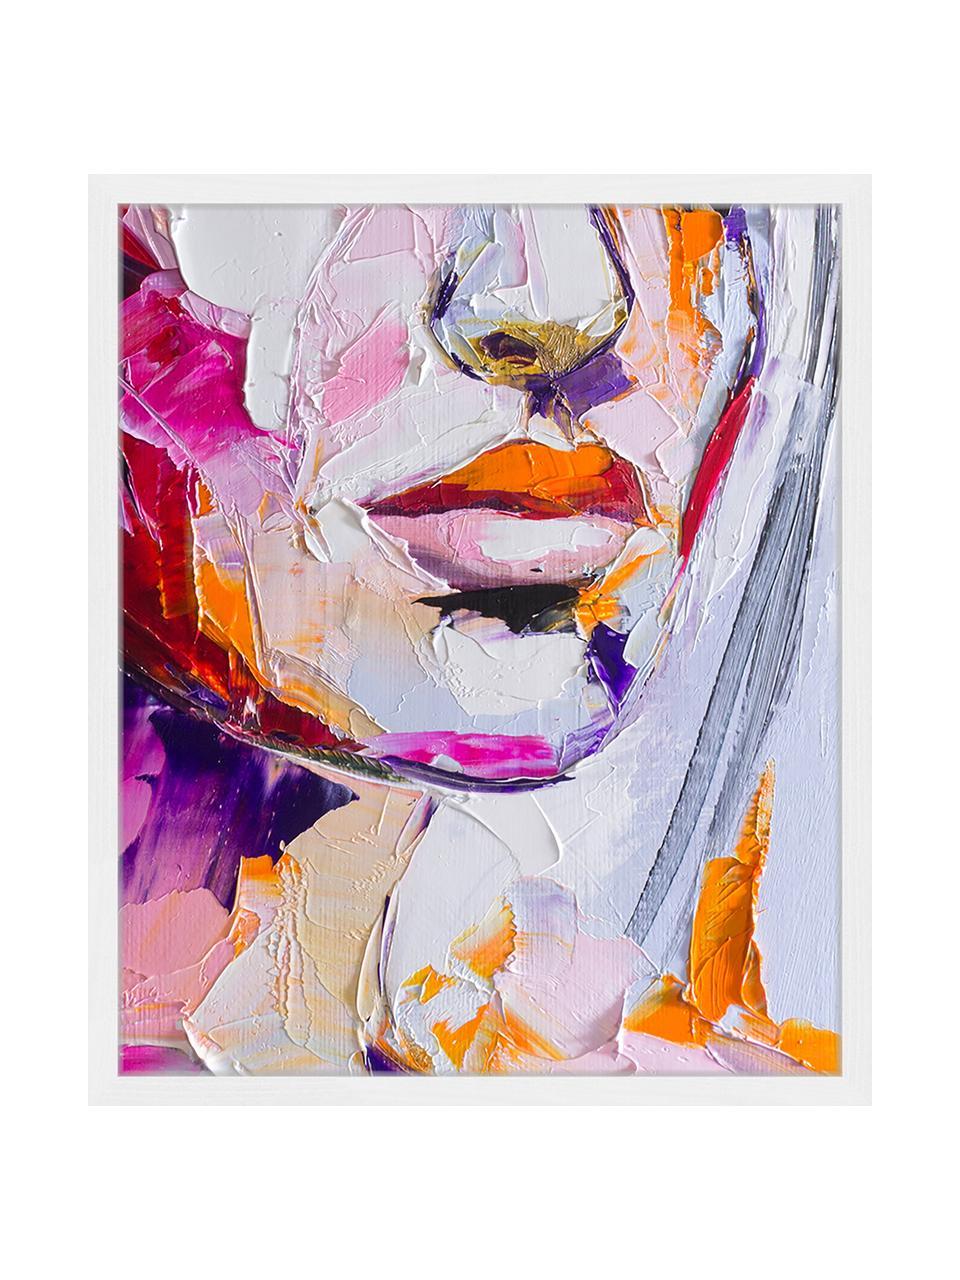 Gerahmter Digitaldruck Cranberry In Sugar, Bild: Digitaldruck auf Papier, , Rahmen: Holz, lackiert, Front: Plexiglas, Mehrfarbig, 53 x 63 cm